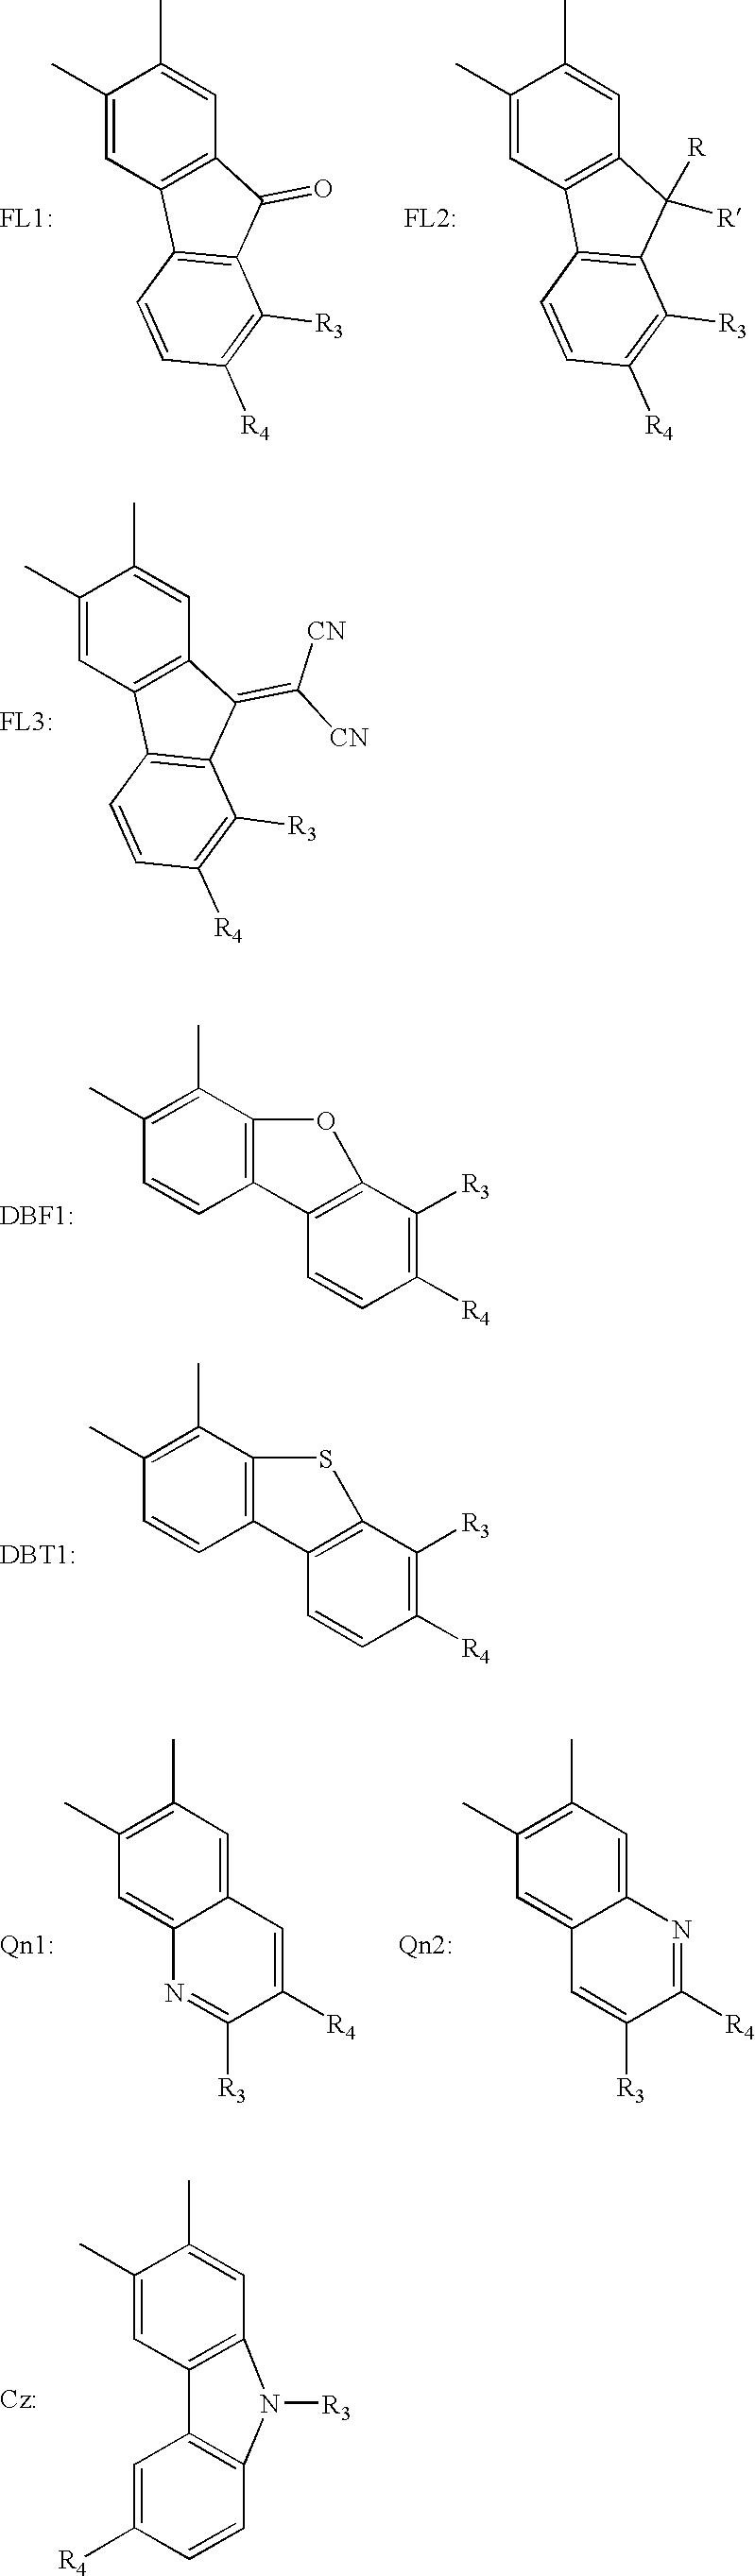 Figure US06921915-20050726-C00009